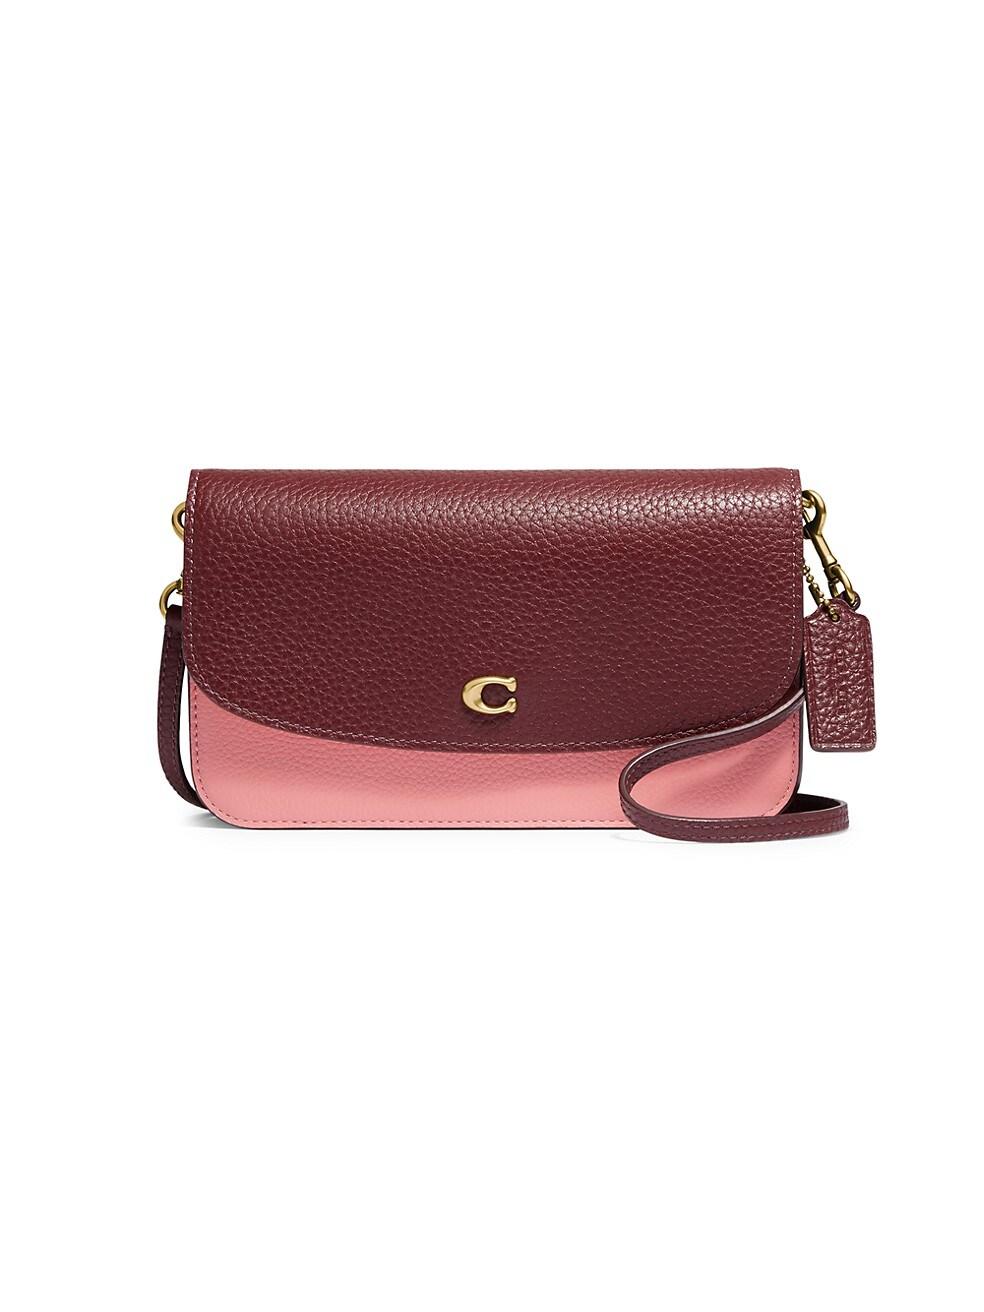 코치 크로스바디백 COACH Hayden Leather Colorblock Crossbody Bag,CANDY PINK